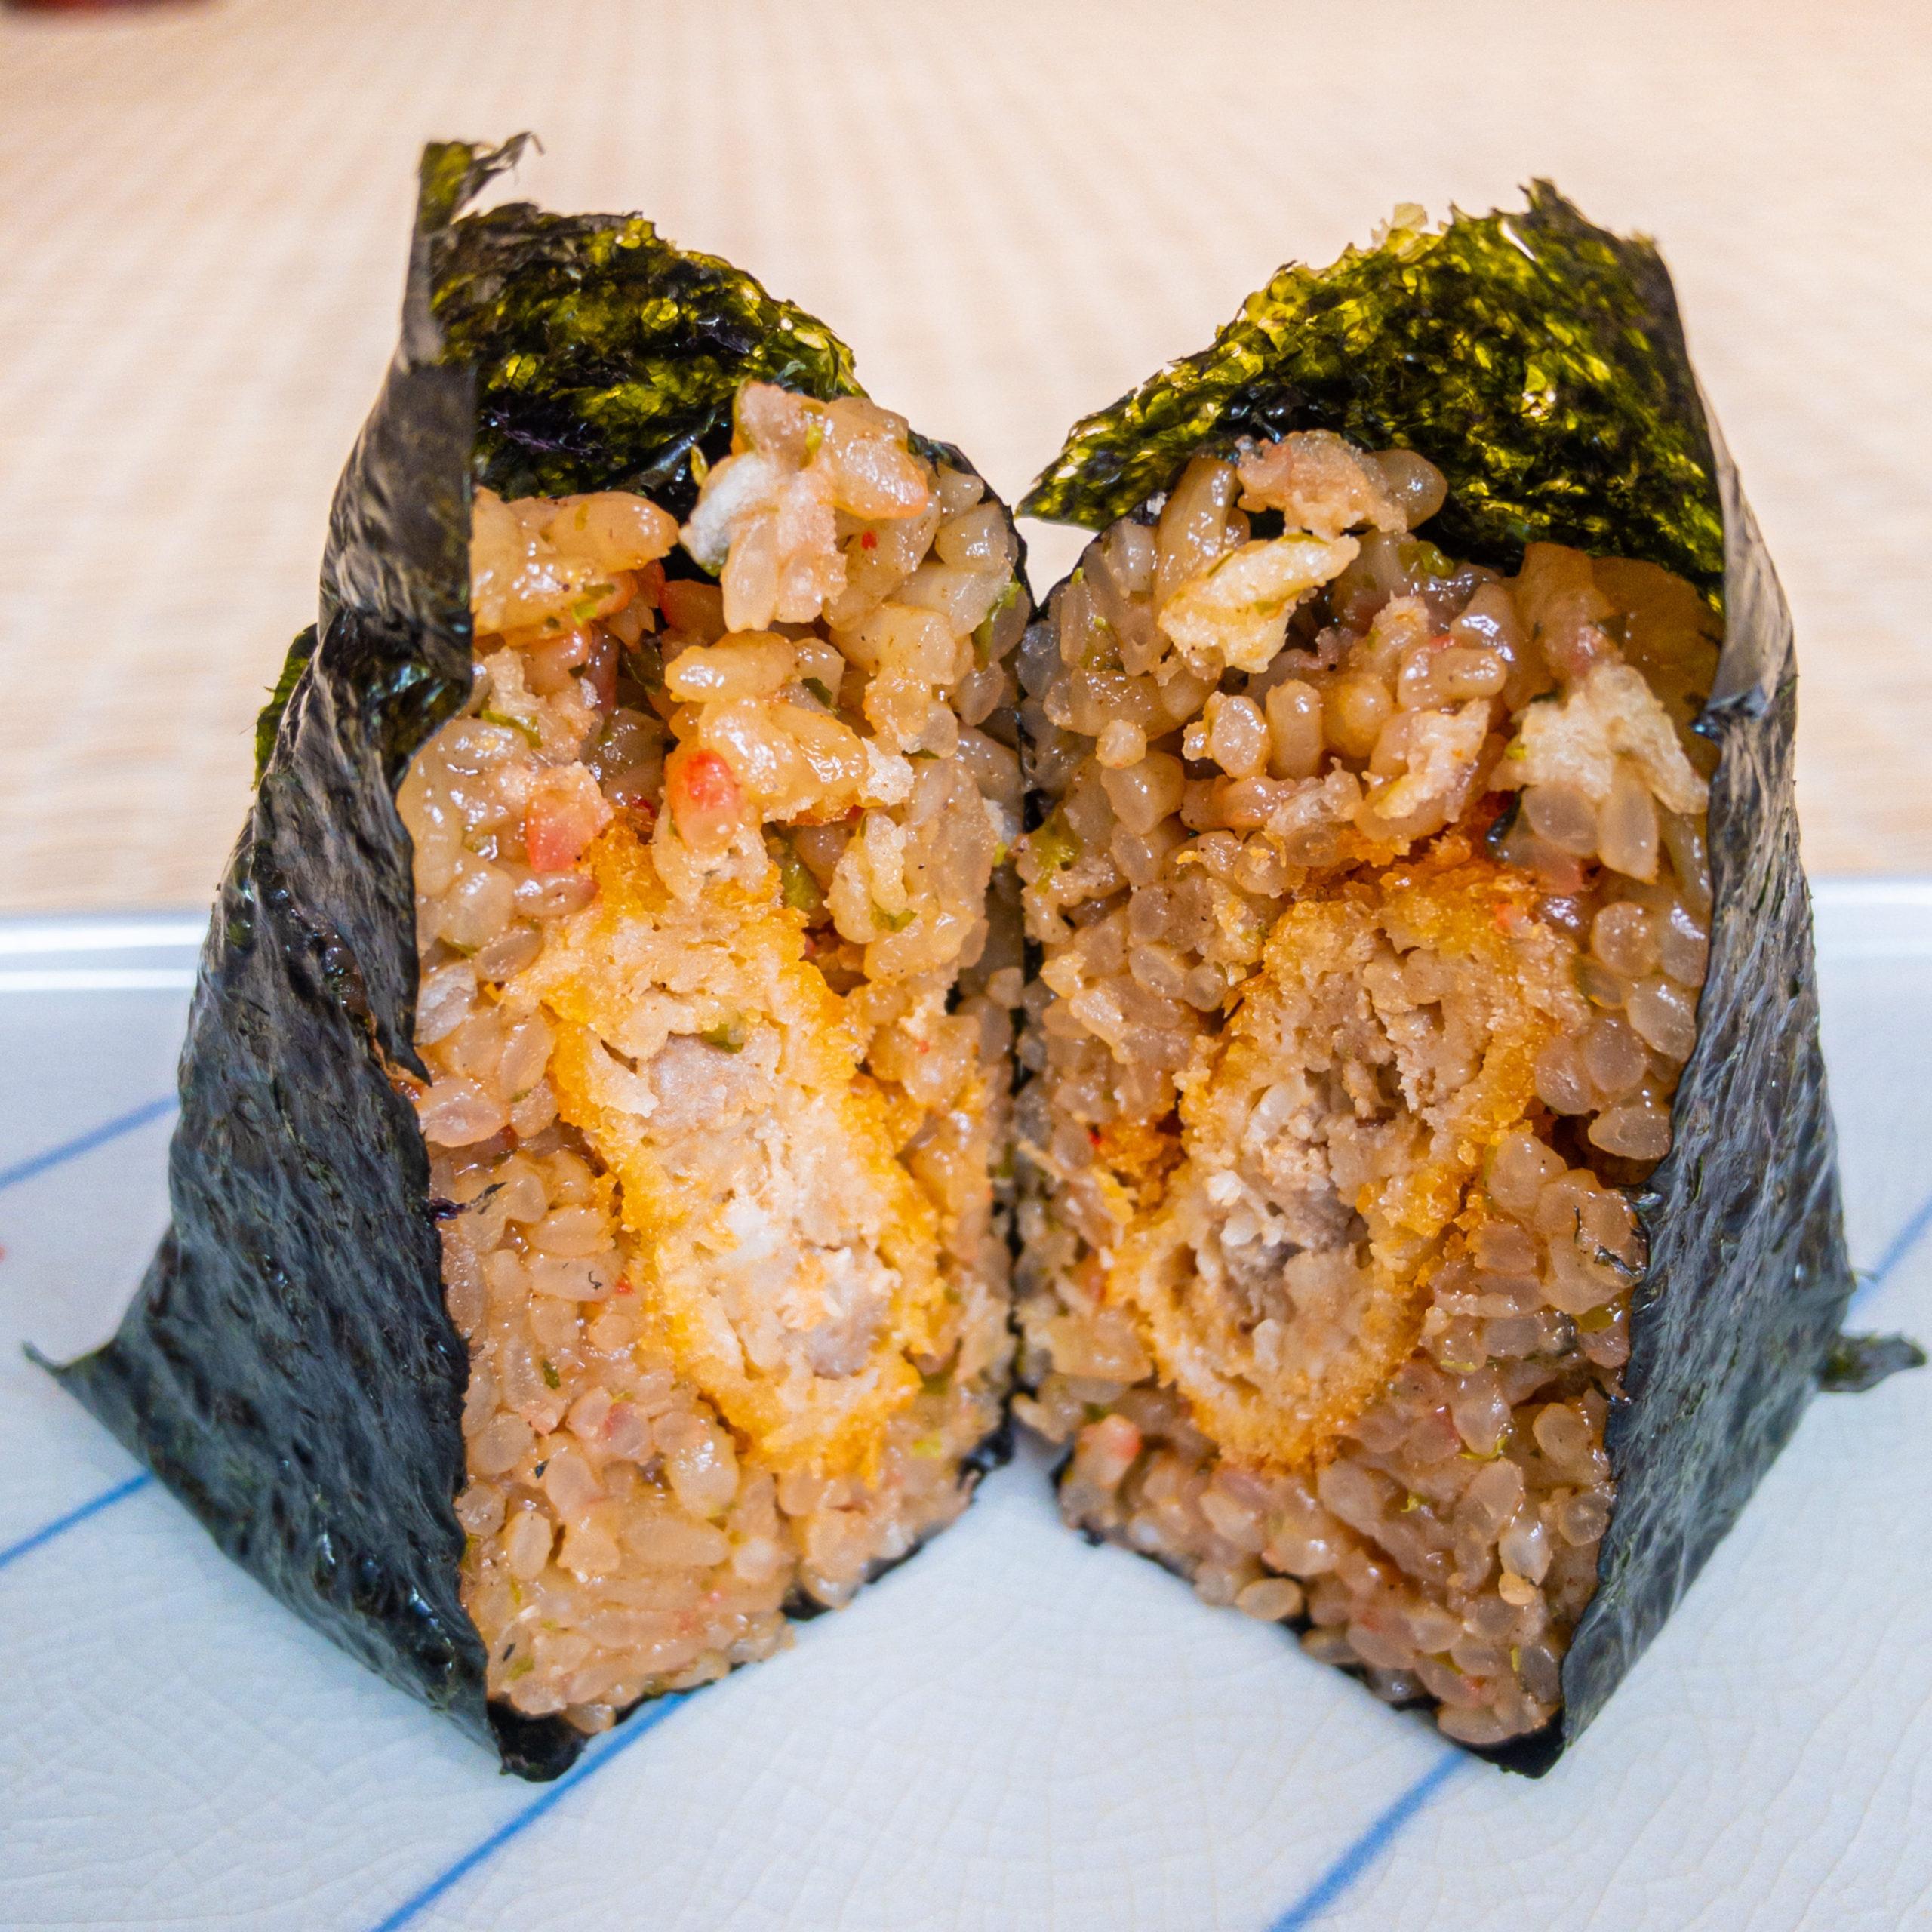 米心石川の「手巻きおにぎり(ひゃくまん穀)金澤メンチ」を切った写真